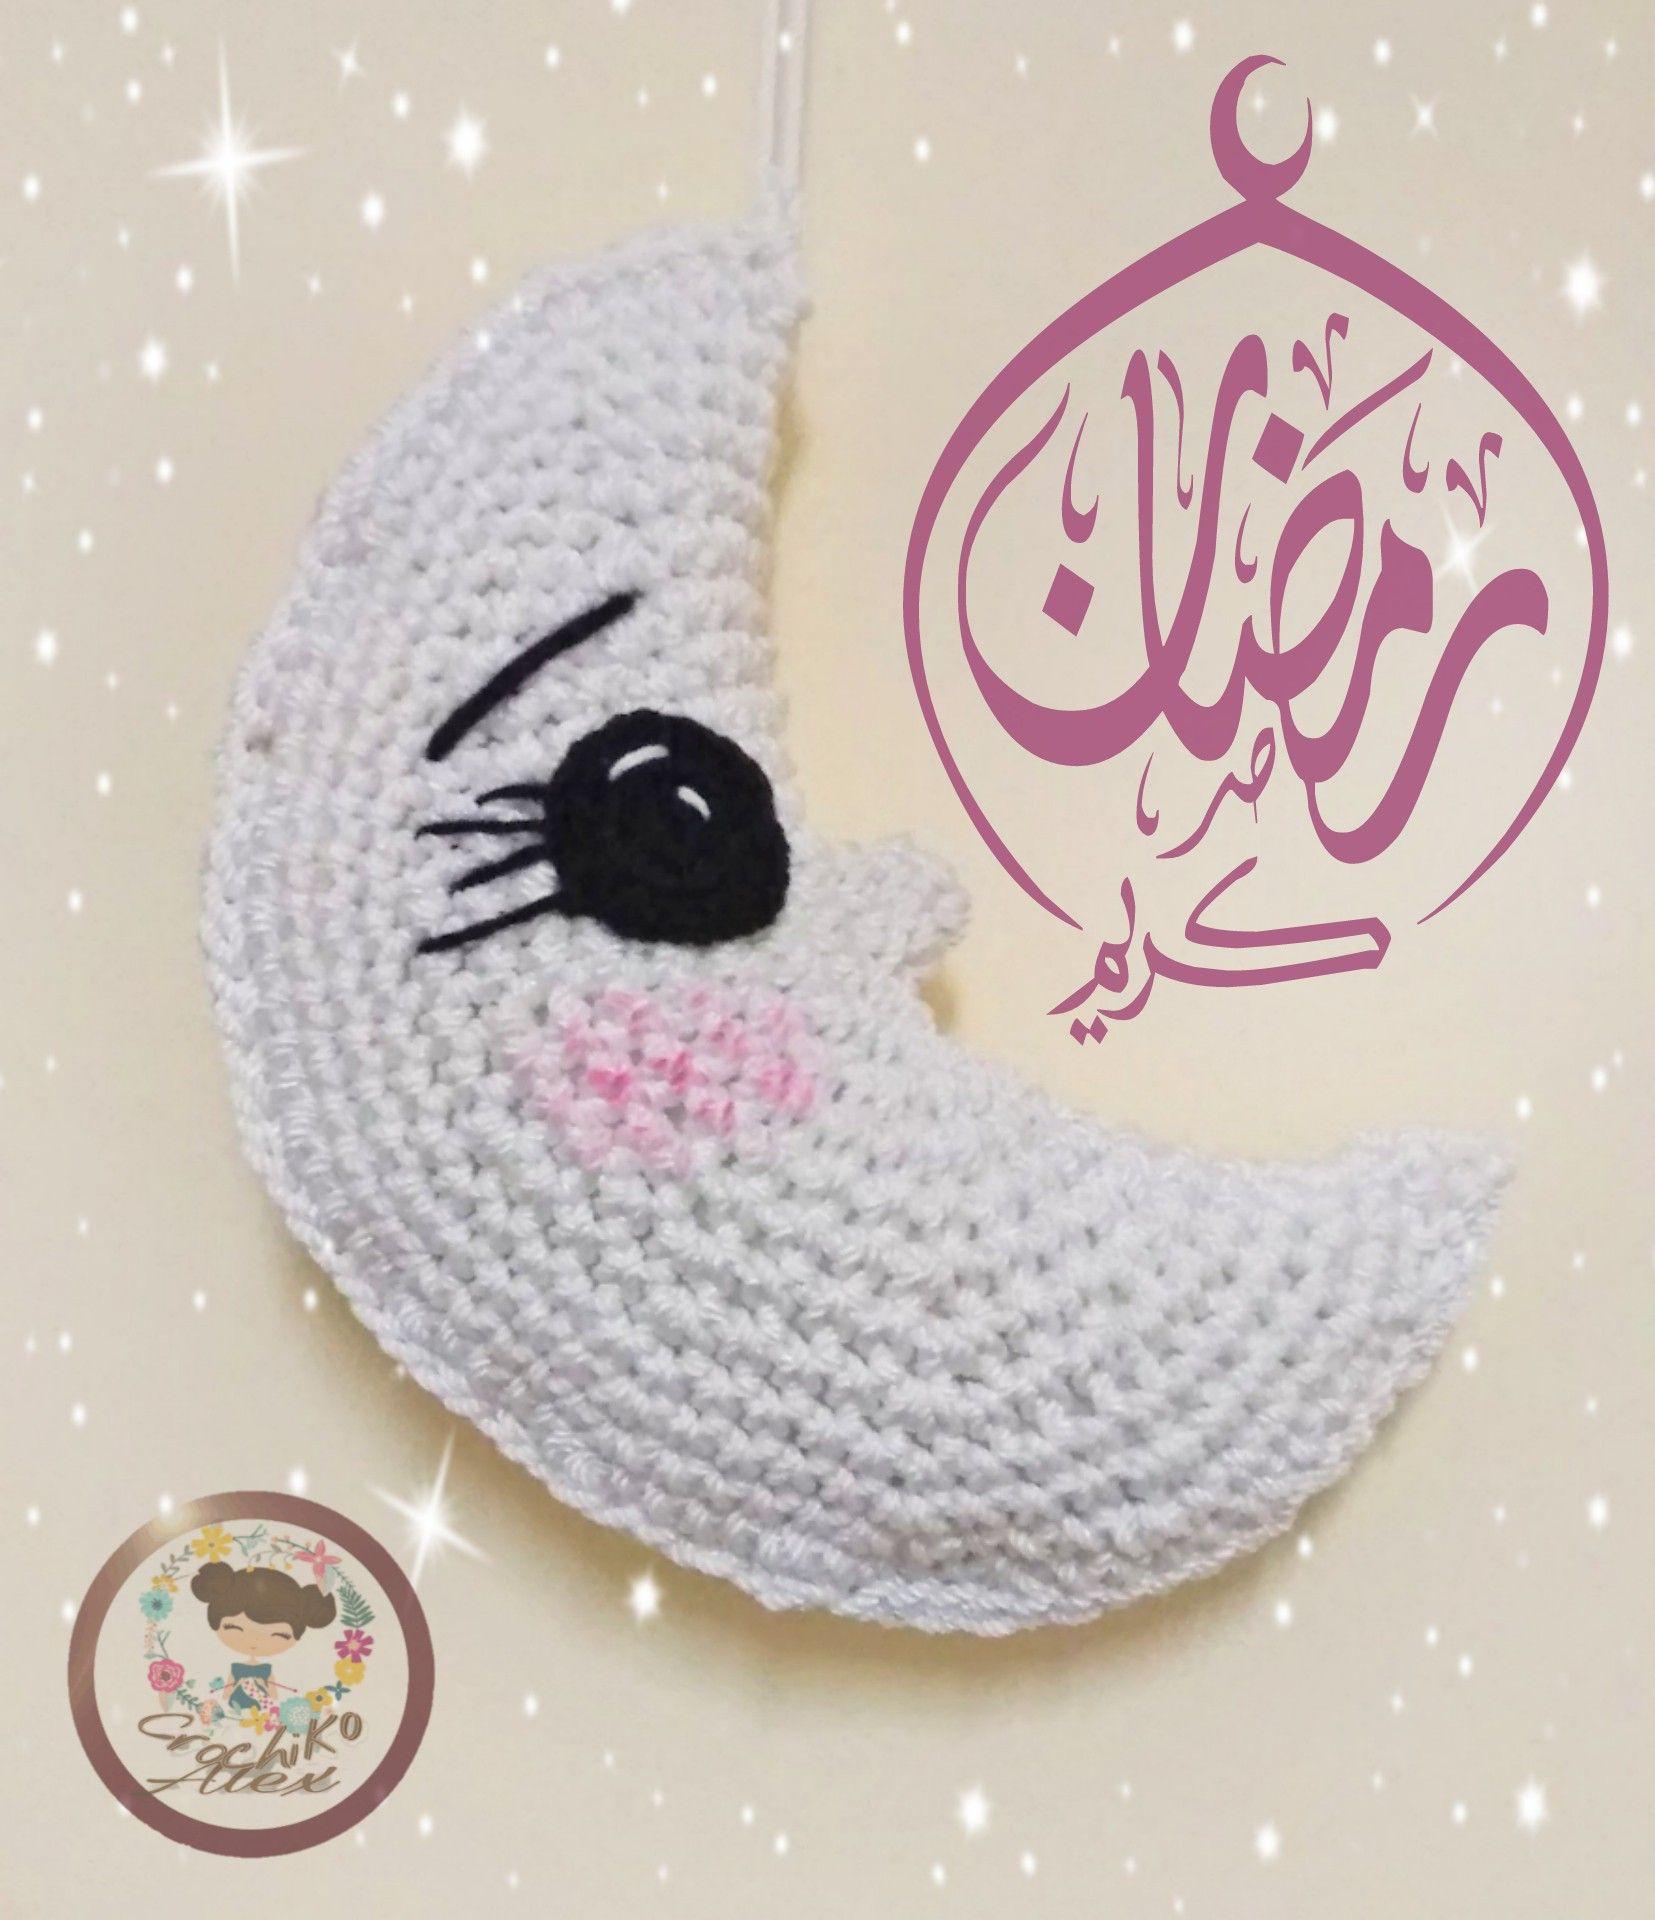 هلال رمضان كروشيه سهل و بسيط Crochet Hats Crochet Love Crochet